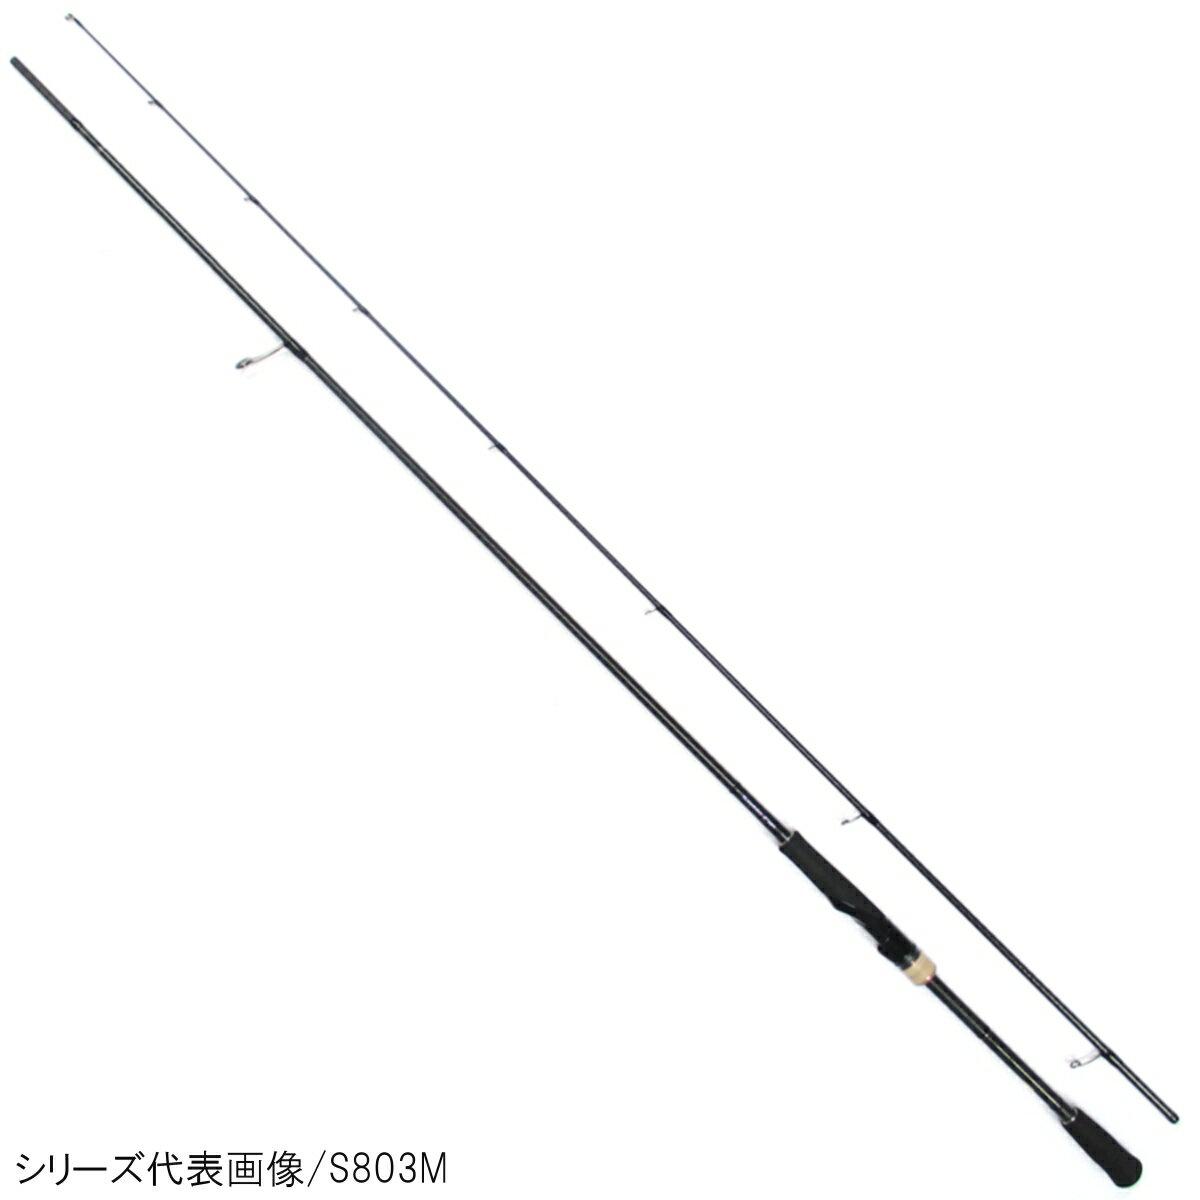 シマノ セフィアCI4+ S806M